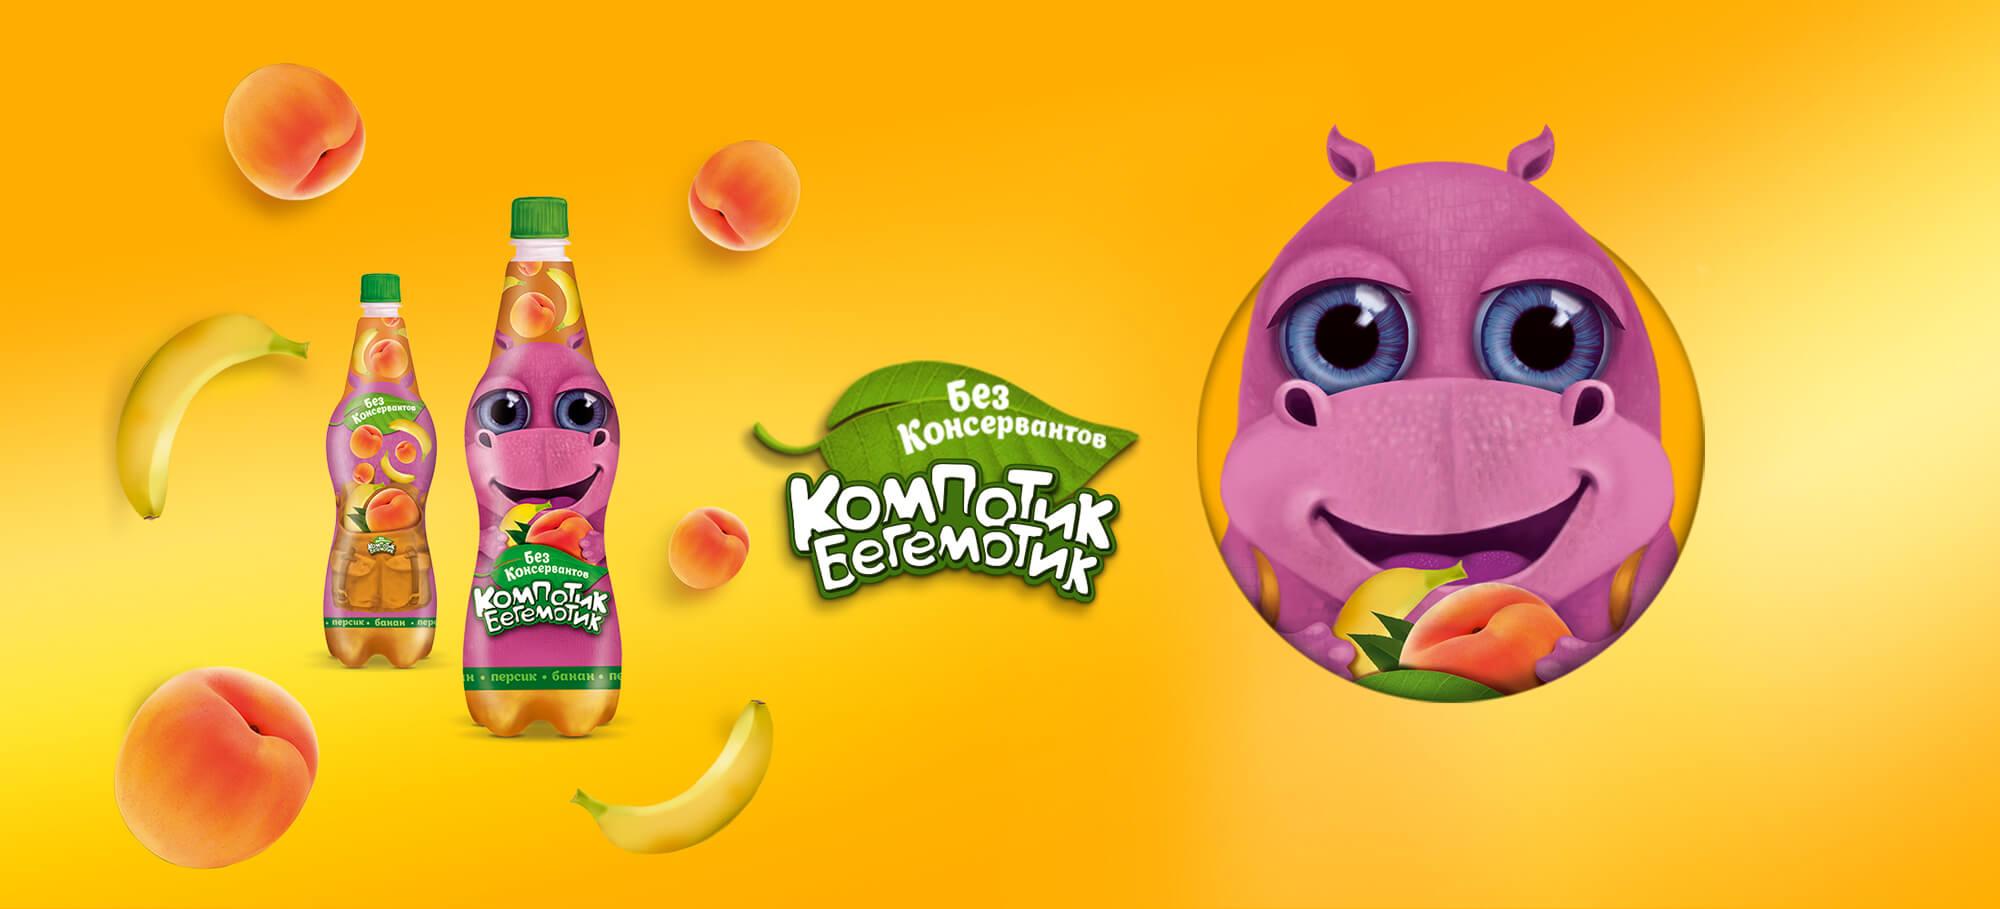 Авторская иллюстрация персонажа «Компотик-Бегемотик», разработанная для дизайна упаковки детского компота